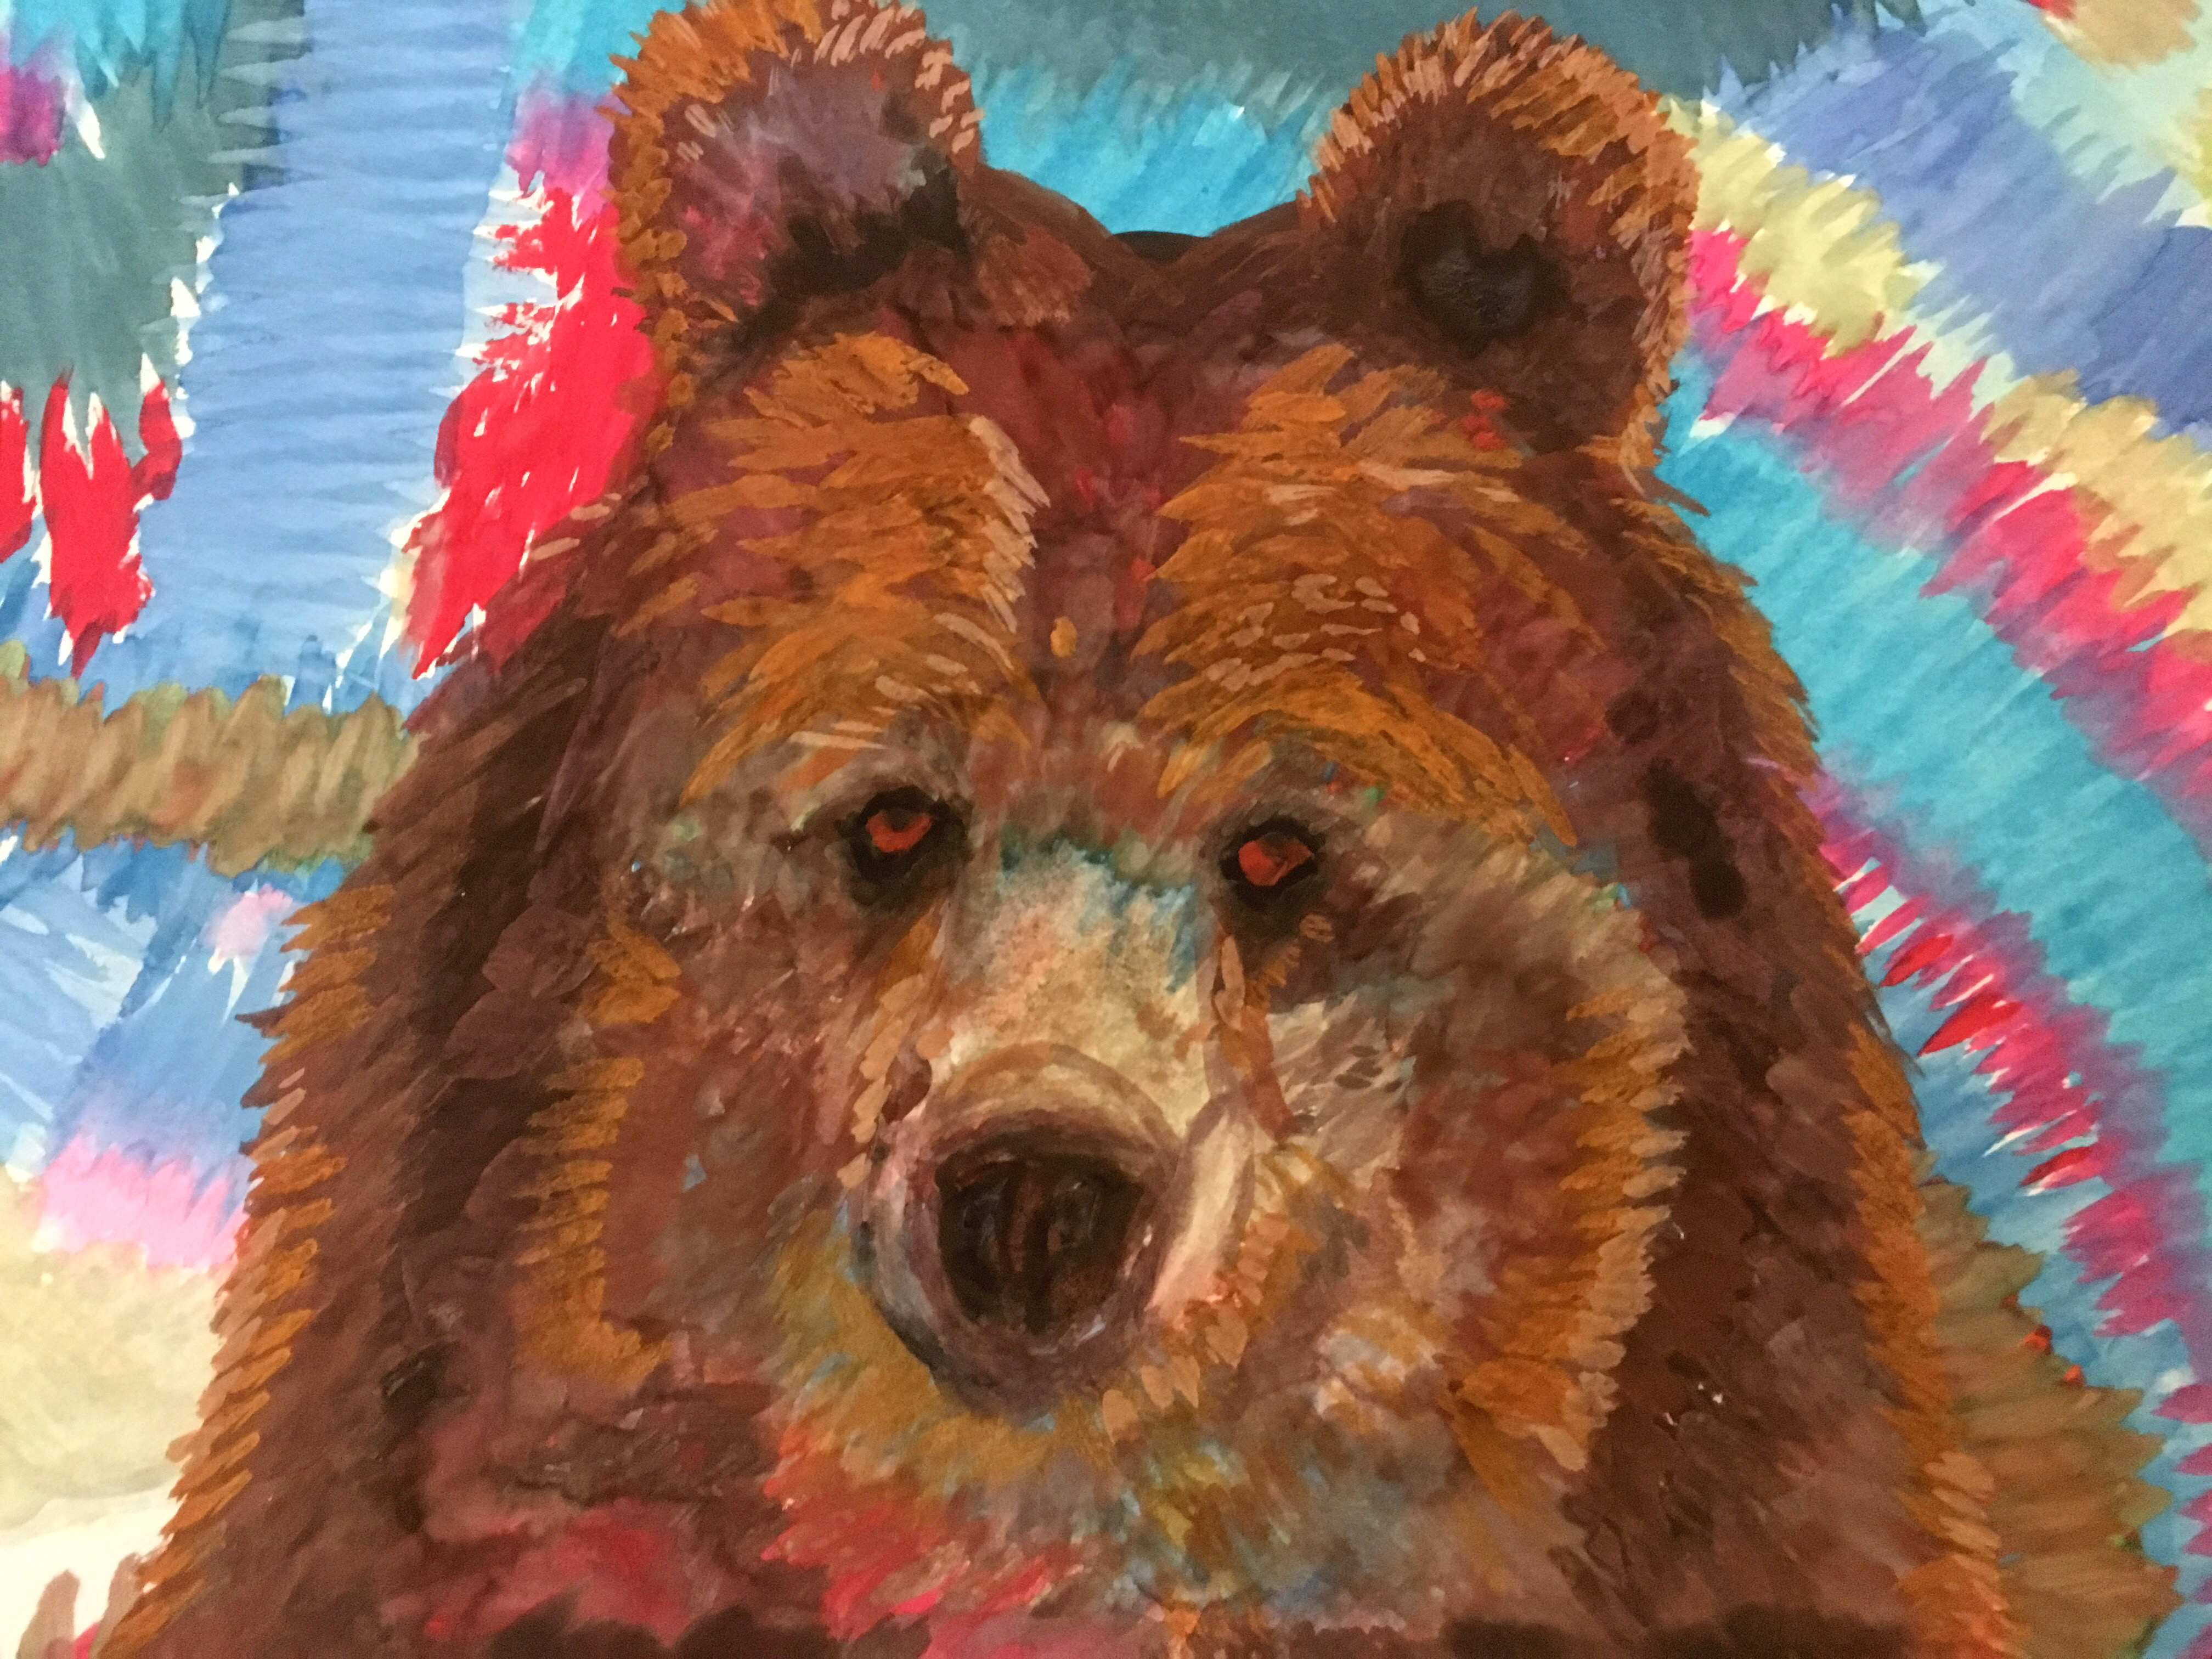 bear_G_Tamny